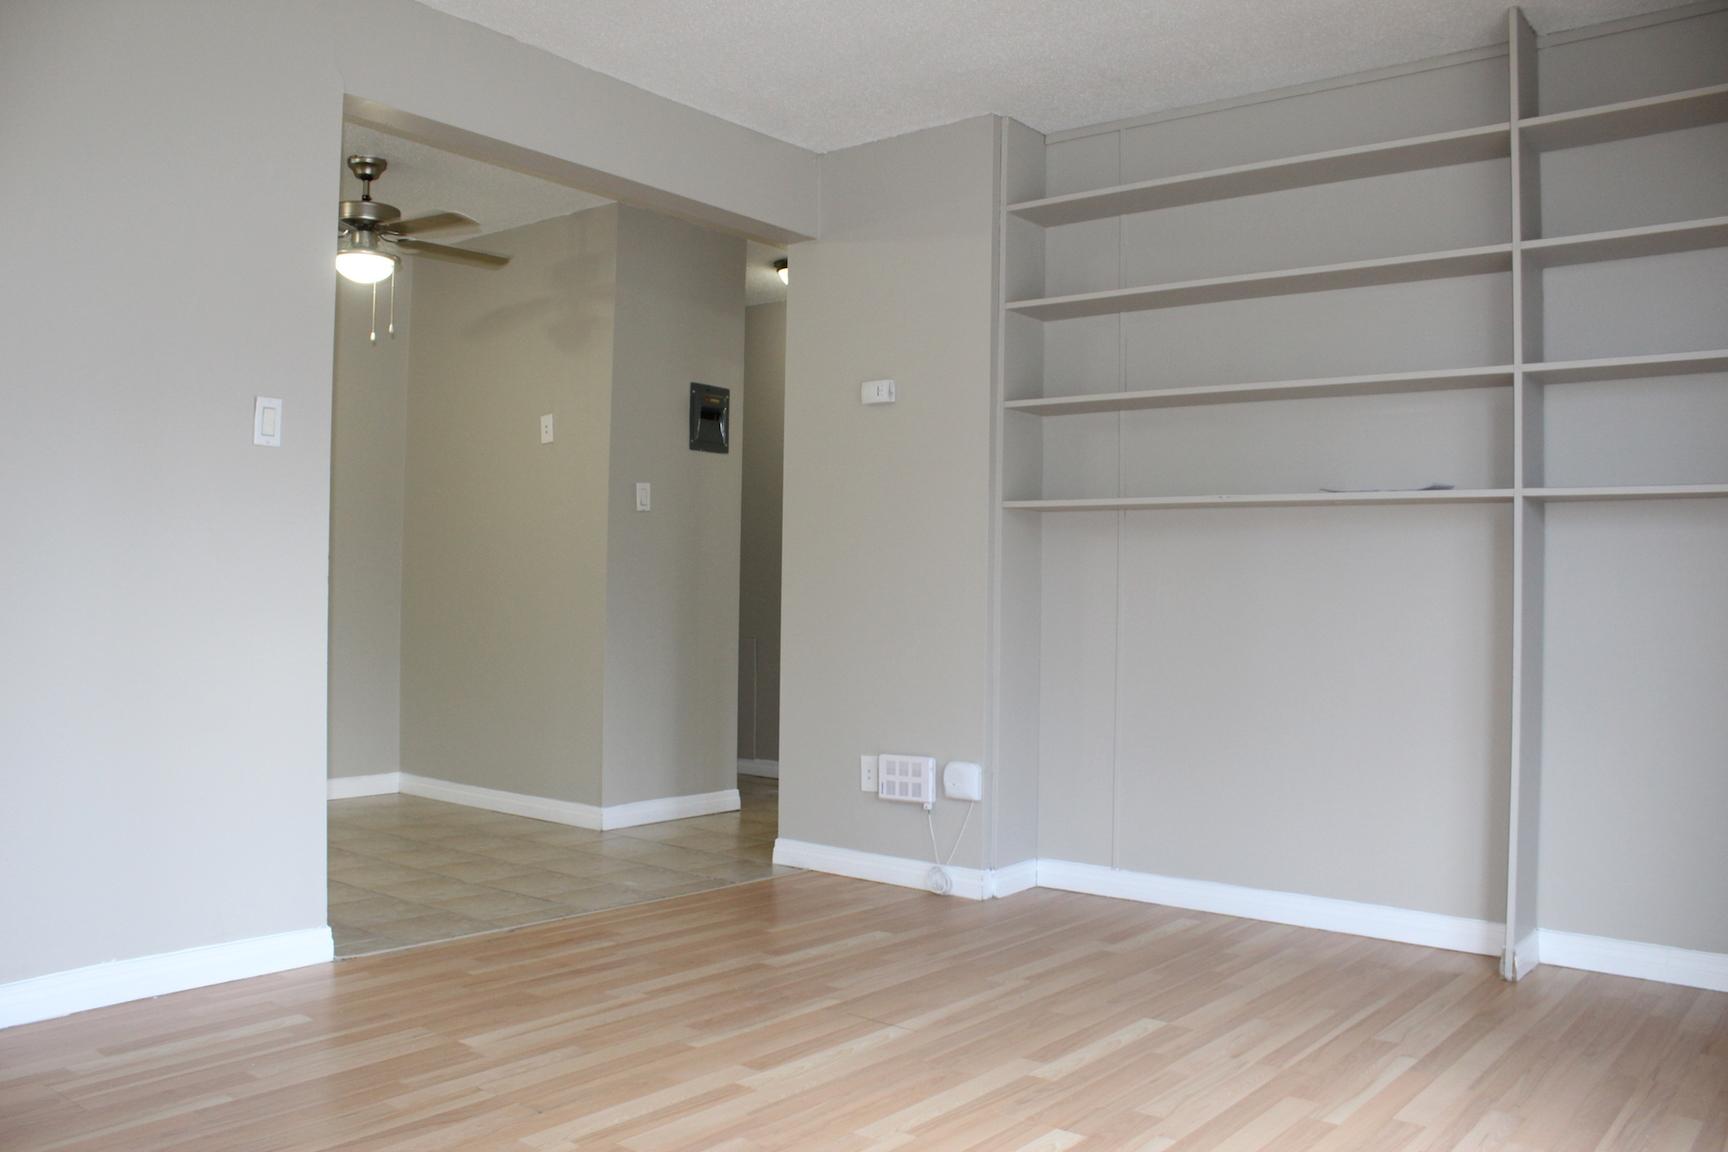 10721 117 Street NW, Edmonton, AB - $975